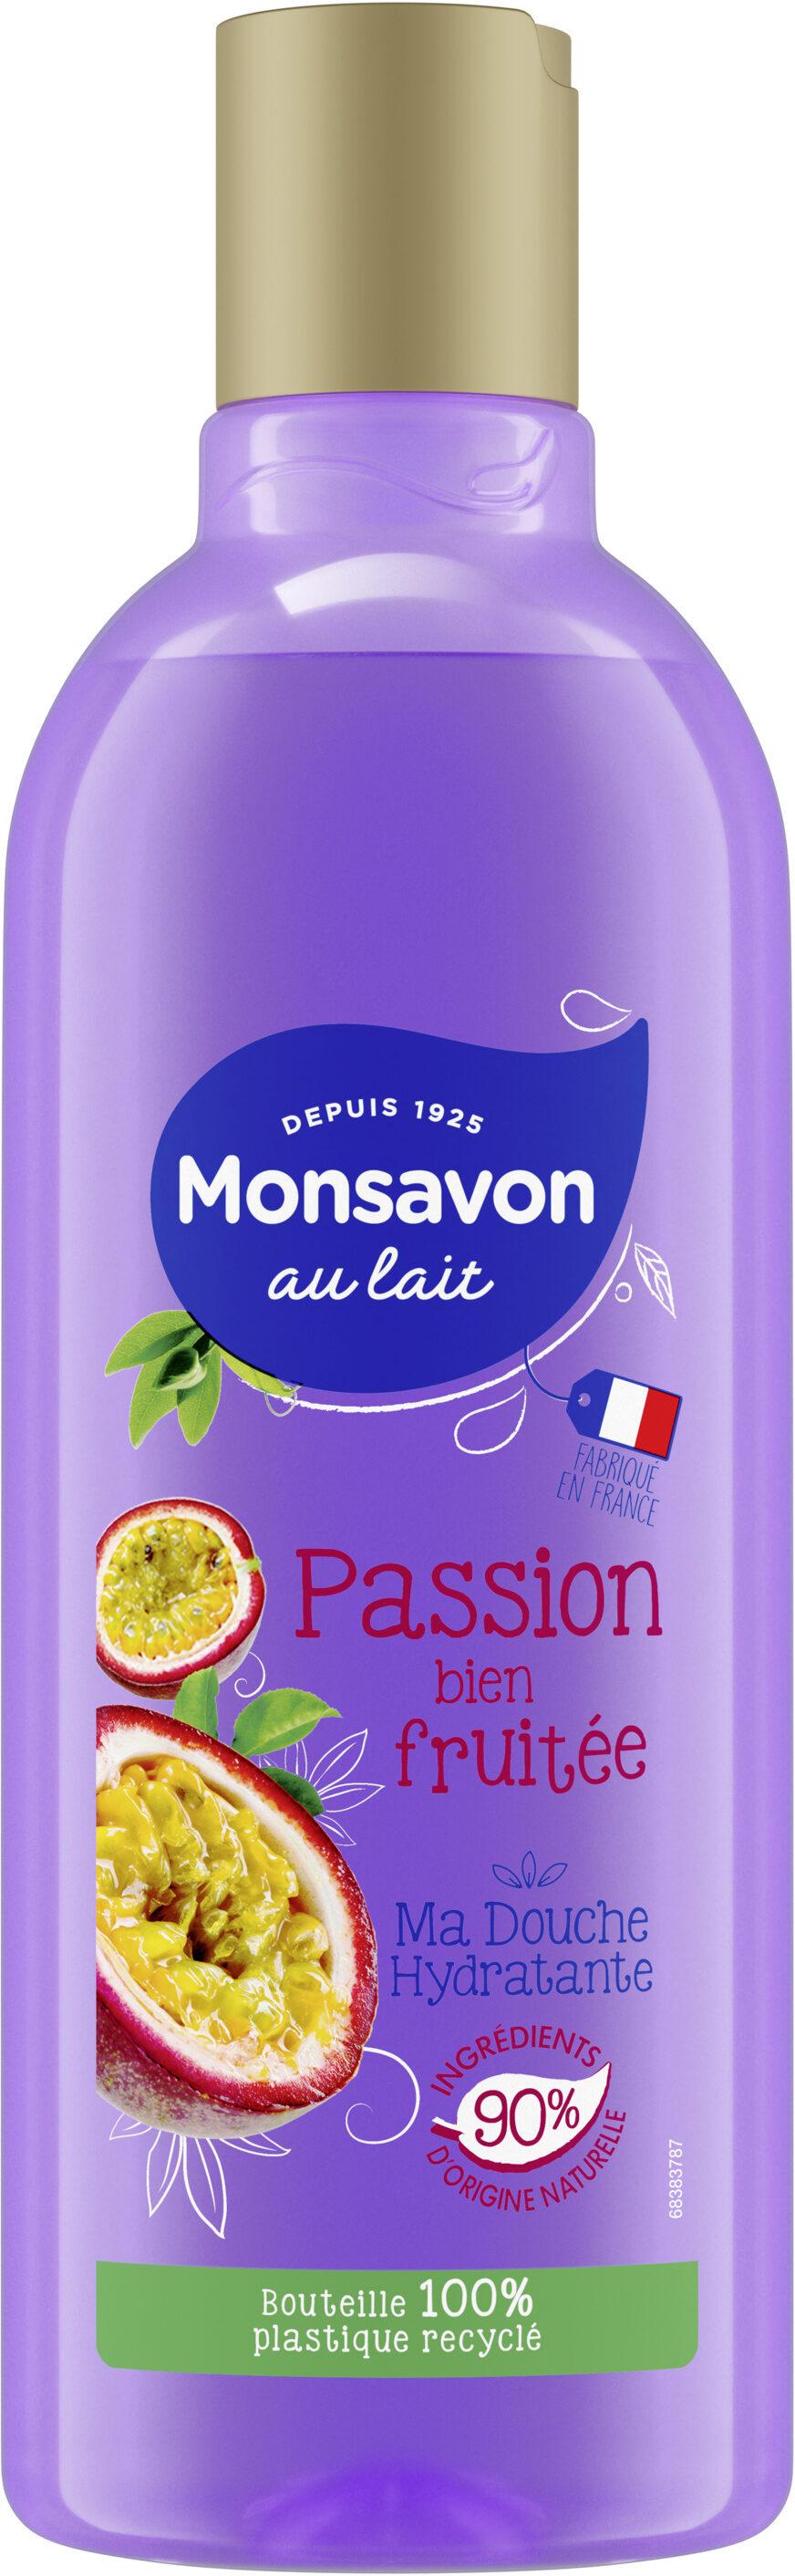 Monsavon Gel Douche Passion Bien Fruitée - Product - fr